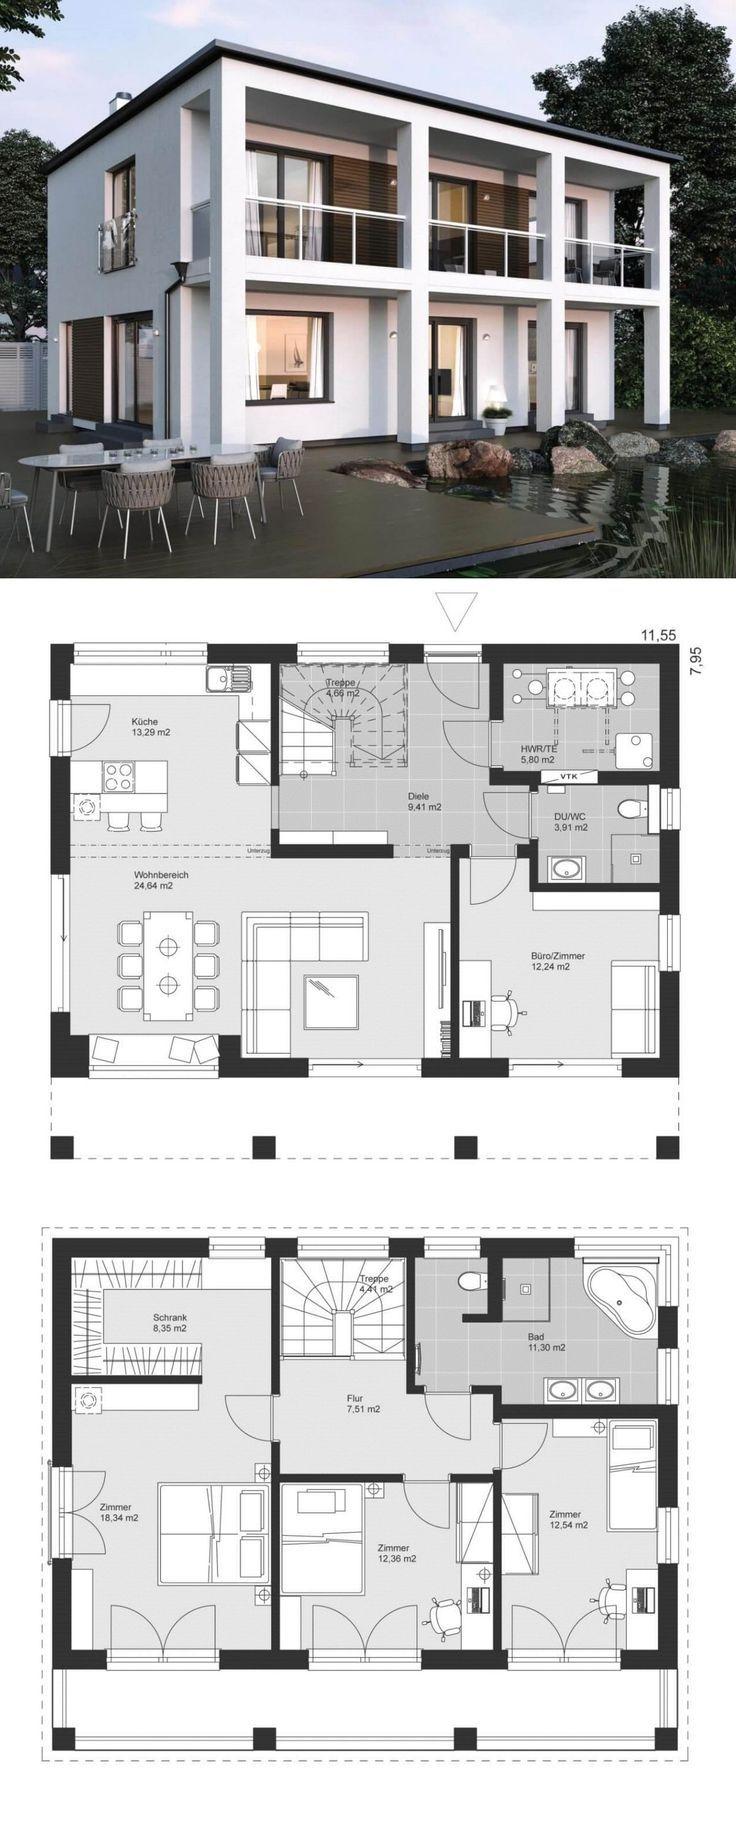 Moderne Bauhaus Stadtvilla Grundriss mit Flachdach Baustil & fassförmig im Bauh…